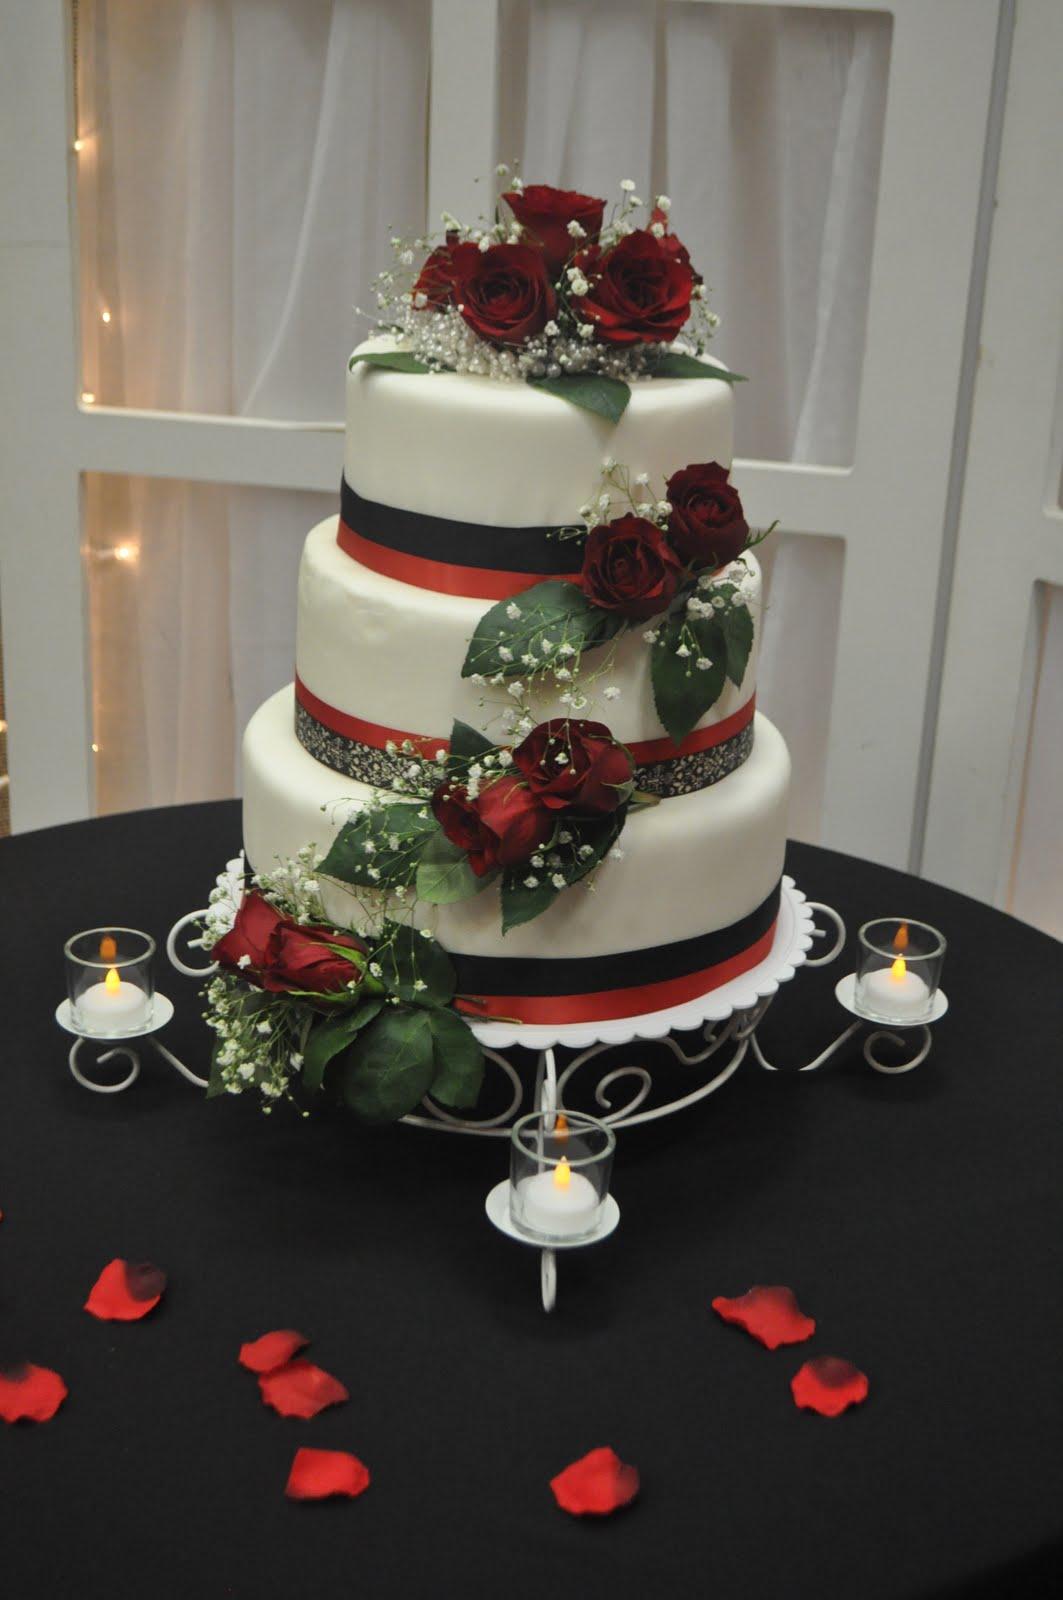 http://4.bp.blogspot.com/_iN8nY_Avlk0/TBalHXWWMOI/AAAAAAAAAPo/WDh_wU7gbj0/s1600/wedding+084.jpg